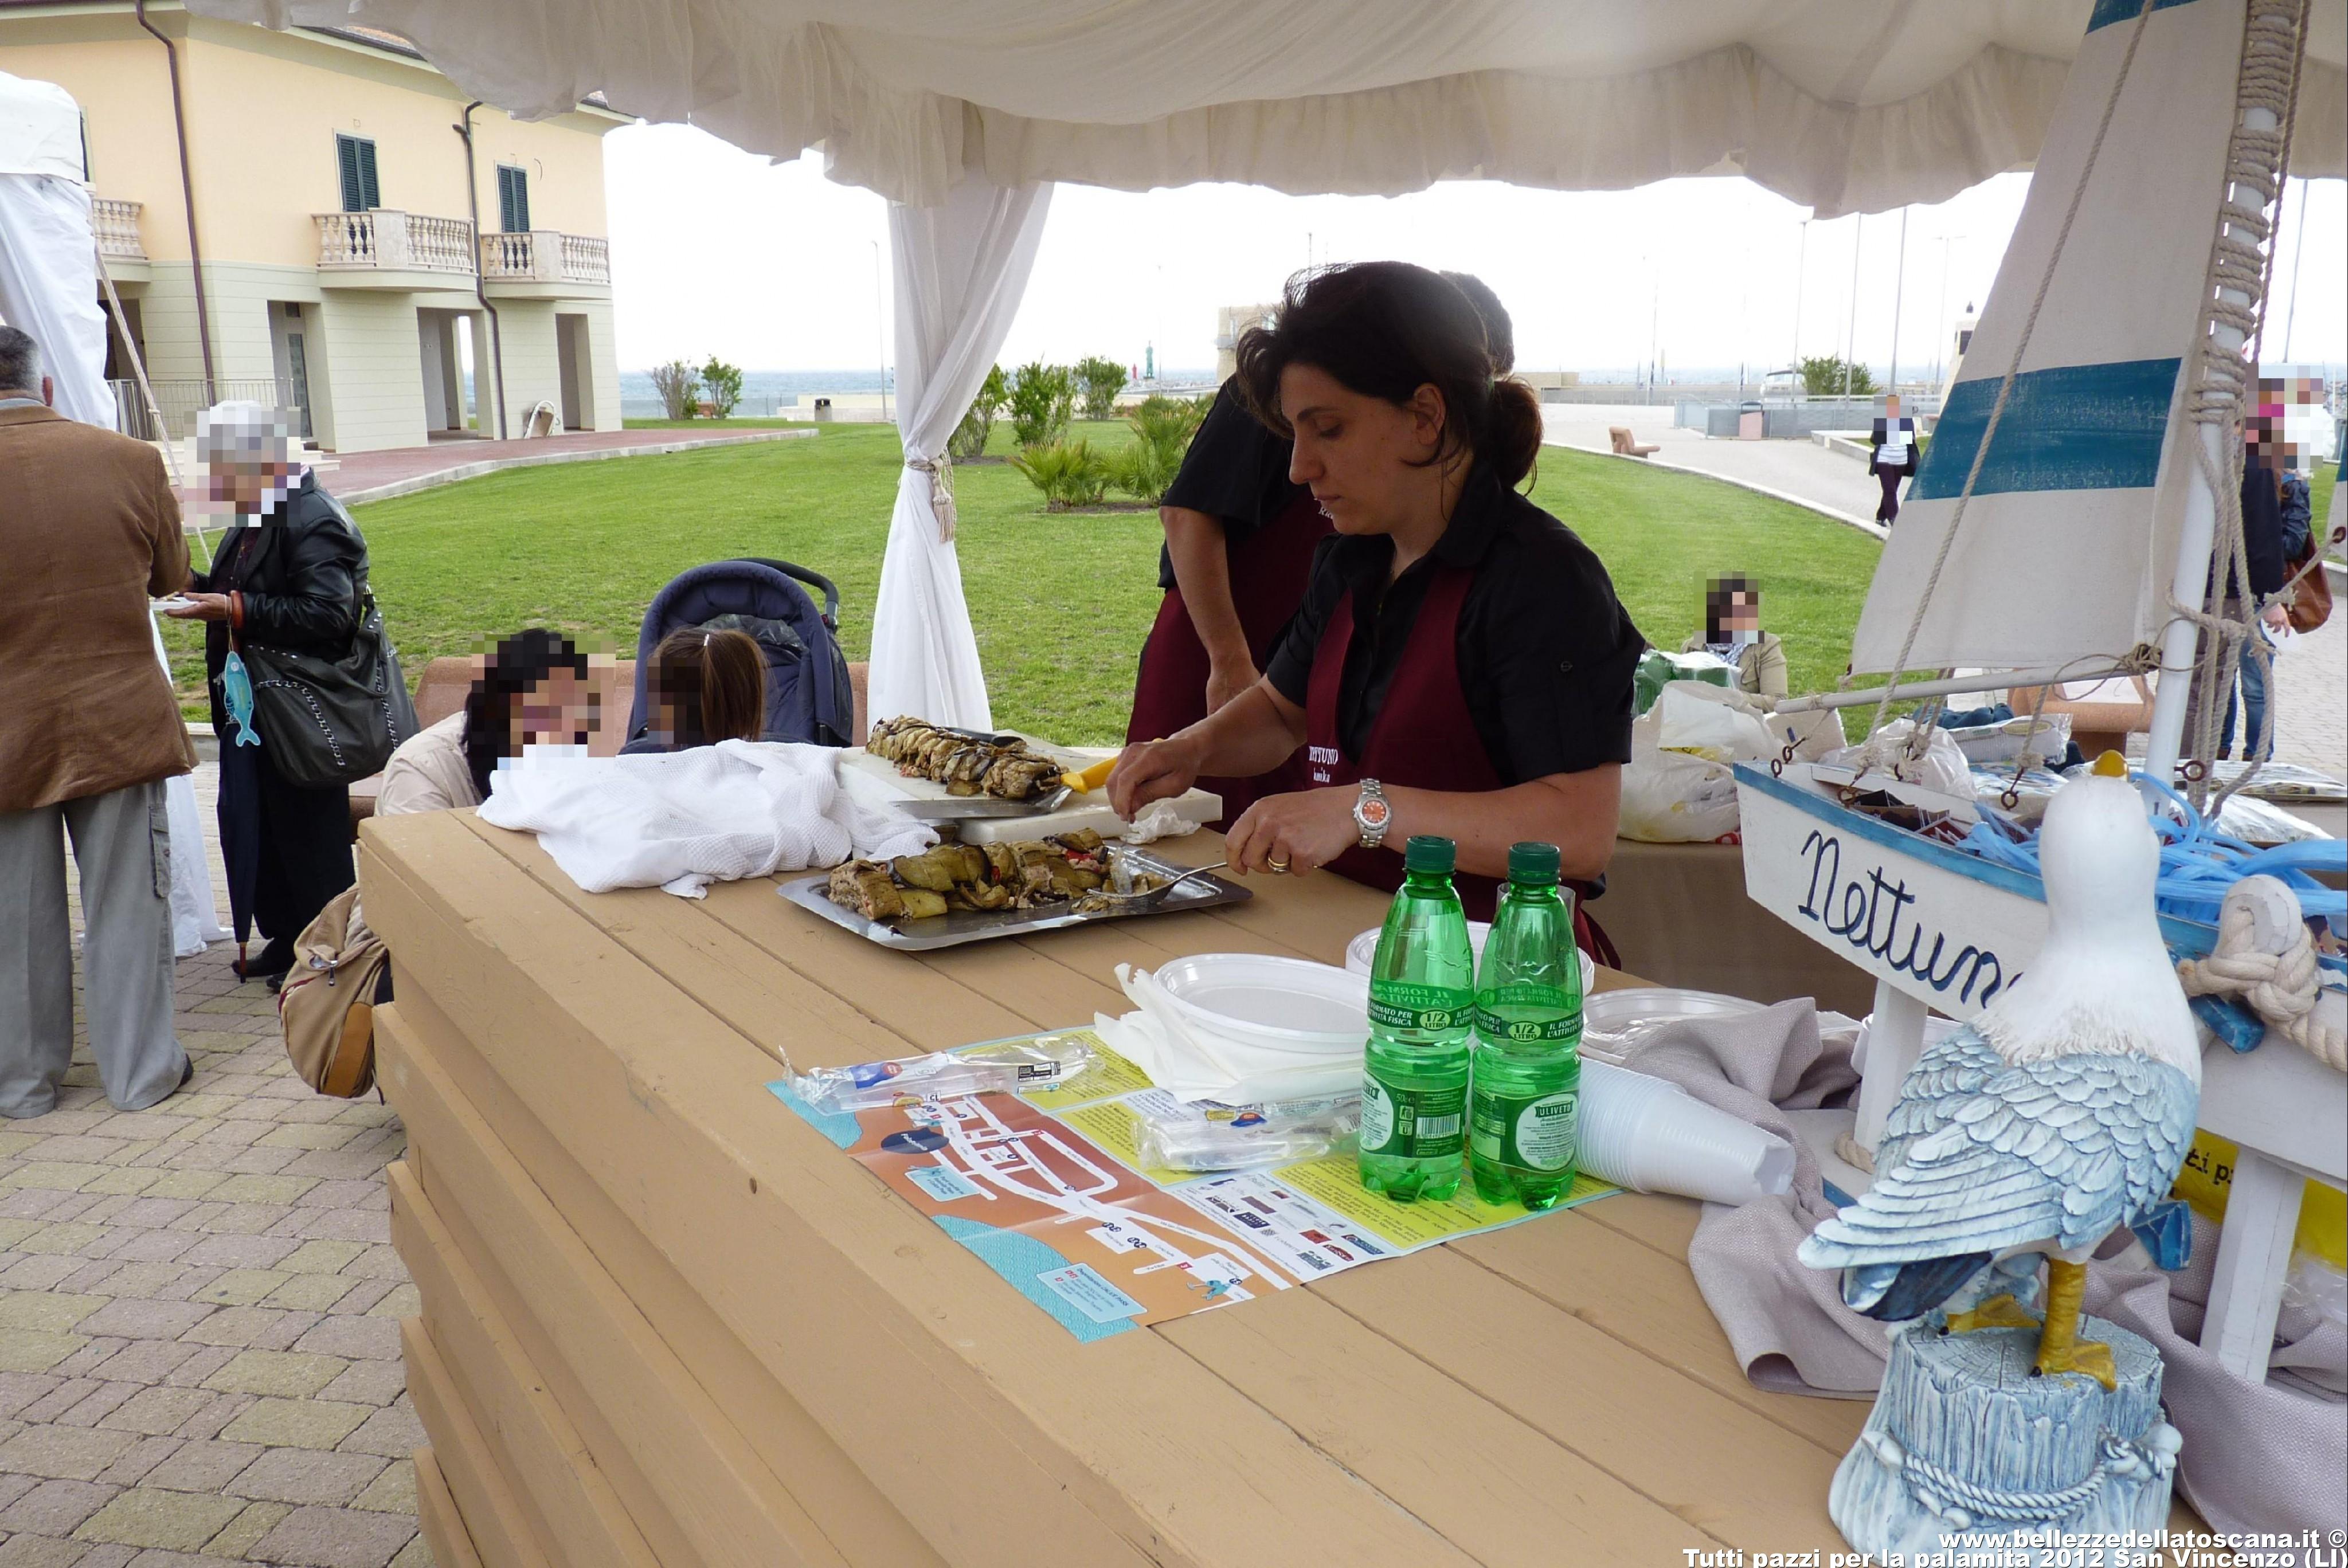 Fotografia di tutti pazzi per la palamita 2012 san - Bagno nettuno san vincenzo ...